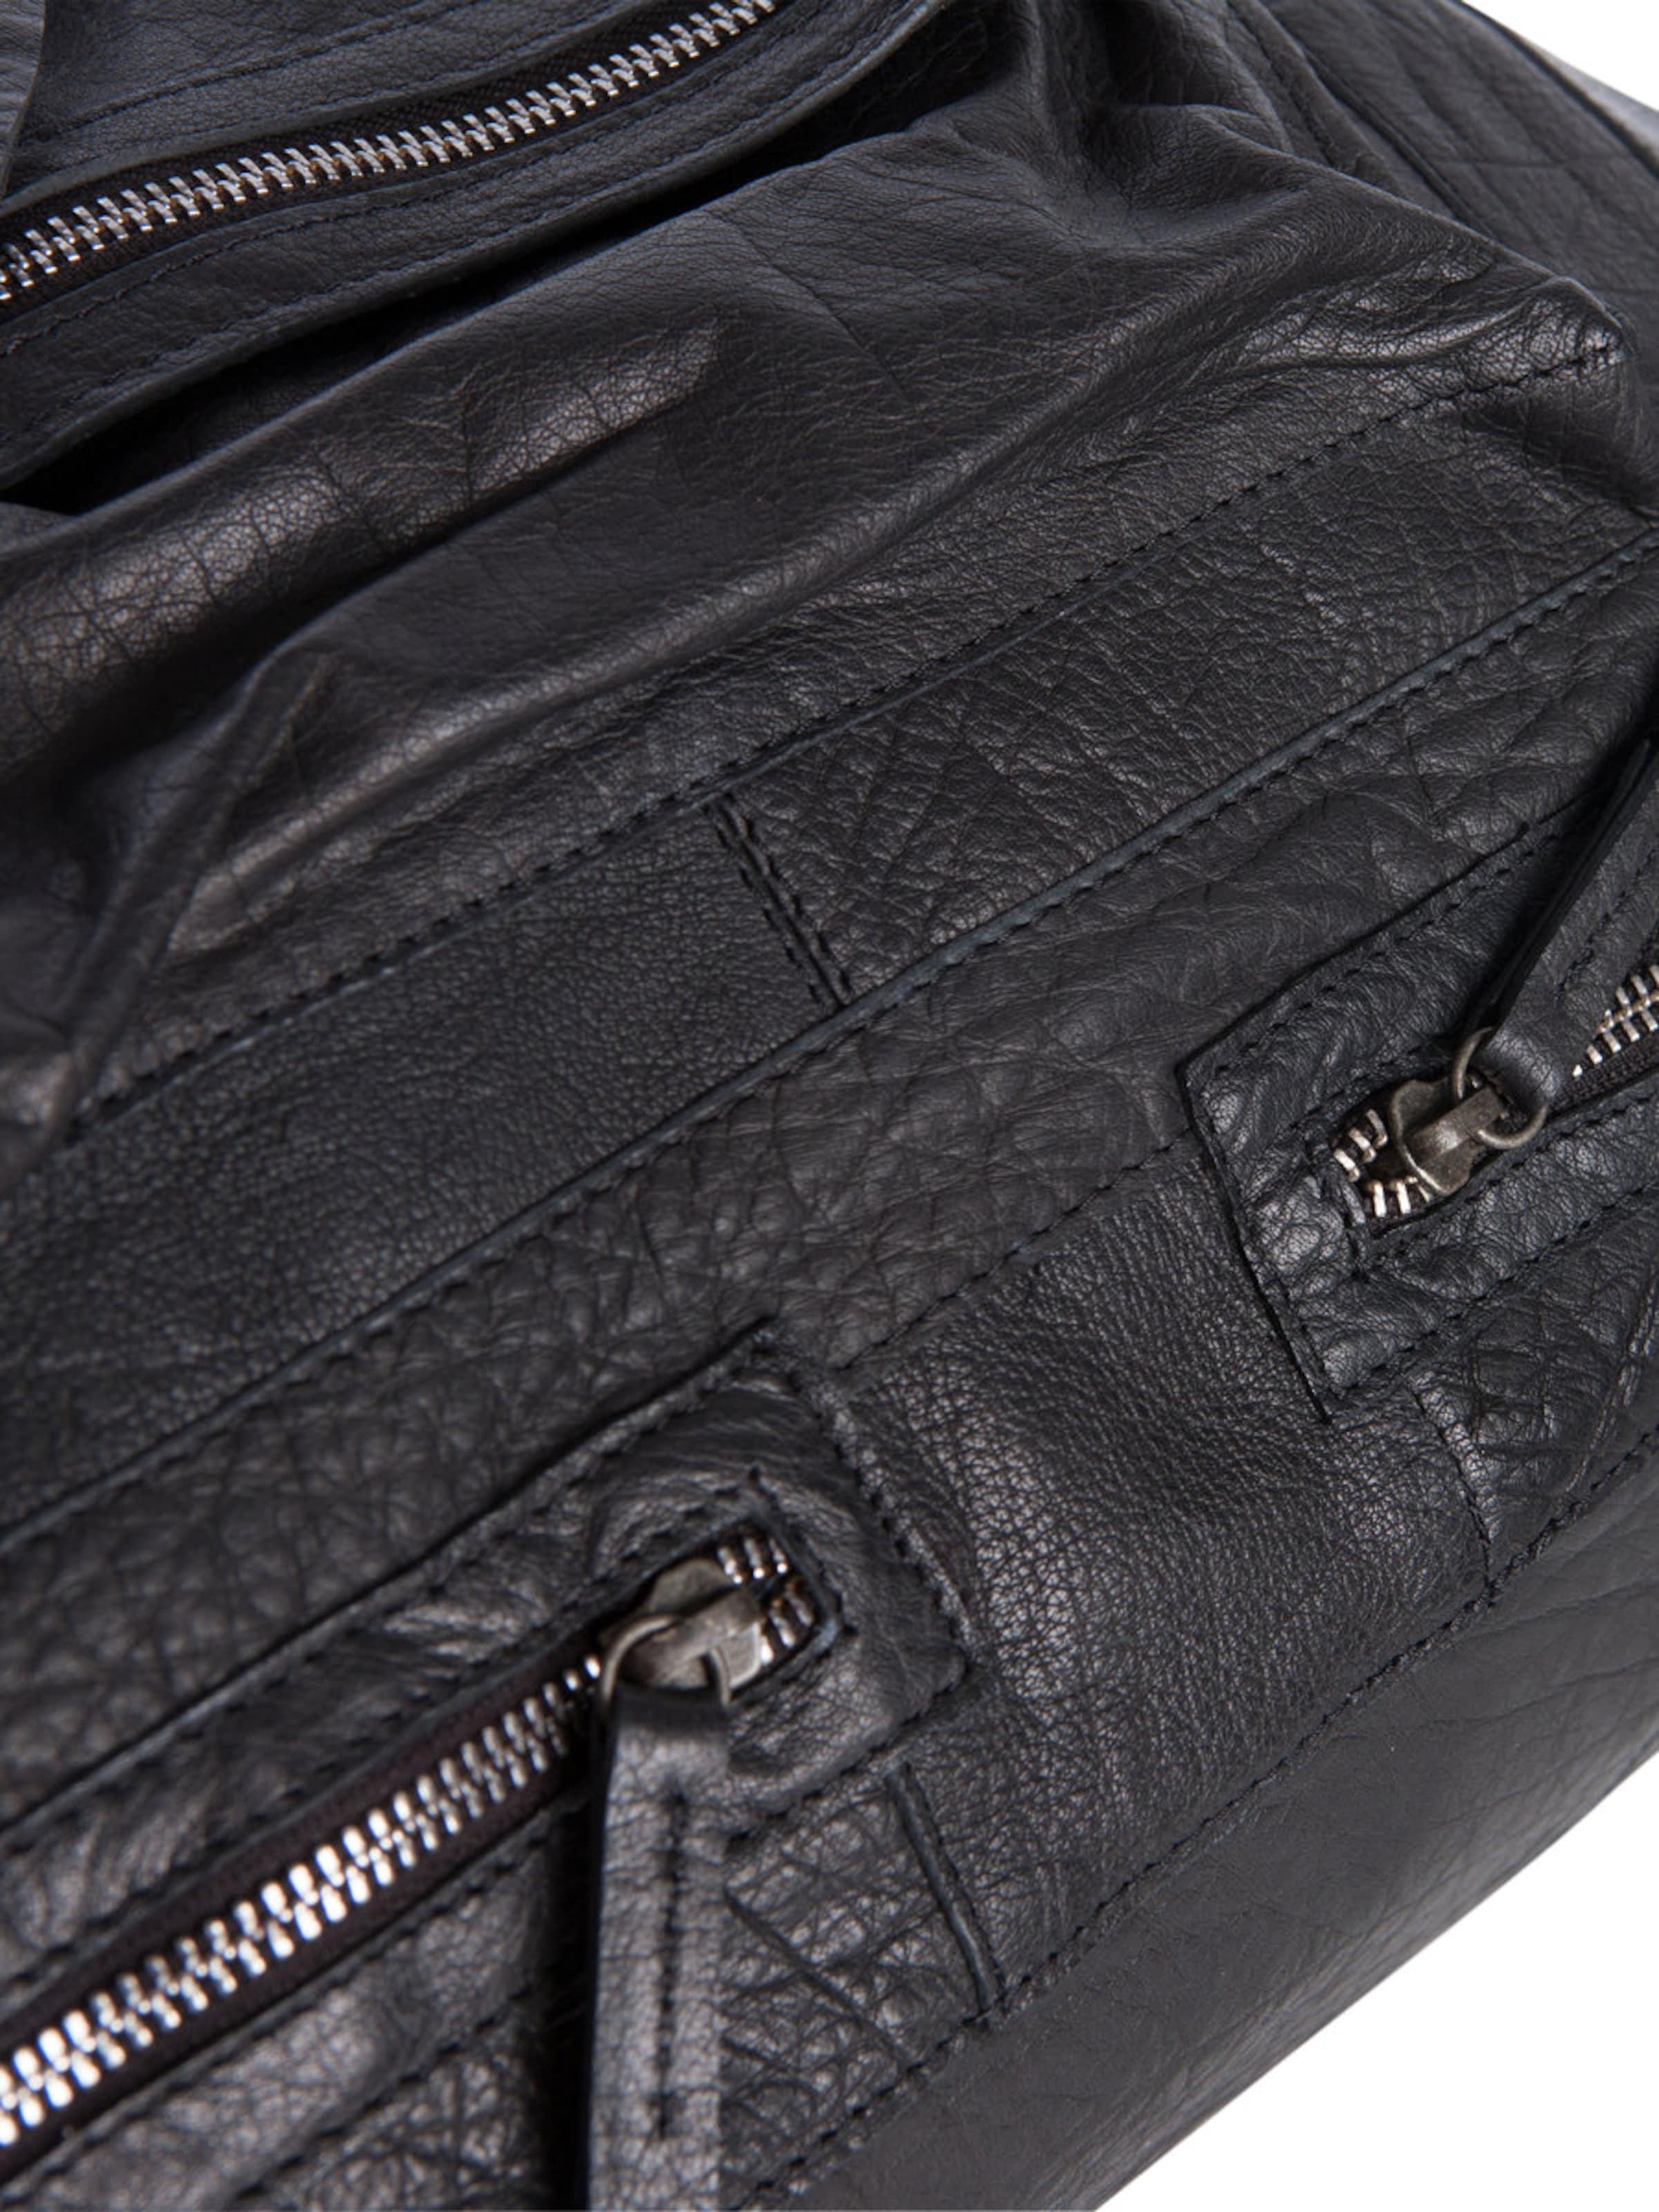 Reisetasche Leder Leder PIECES PIECES Leder PIECES Reisetasche Leder Reisetasche PIECES XHwaYq